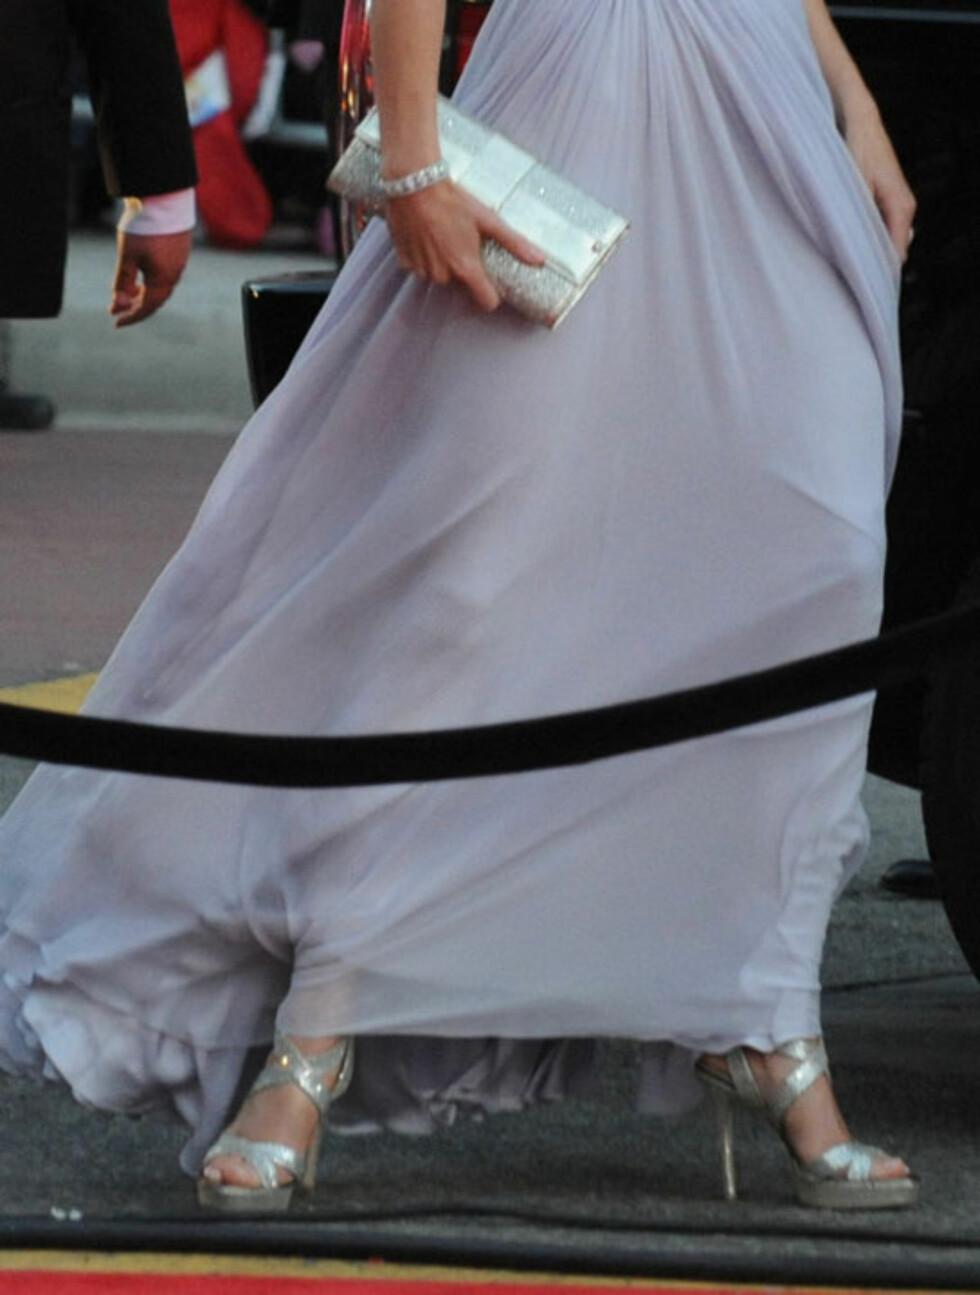 FLOTTE DETALJER: Hertuginne Kates Jimmy Choo-sandaler, matchende veske og de diskré smykkene stod perfekt til den delikate Alexander McQueen-kjolen, noe som får amerikanske medier til å utnevne henne til stildronning på helgens BAFTA-fest.    Foto: Stella  Pictures